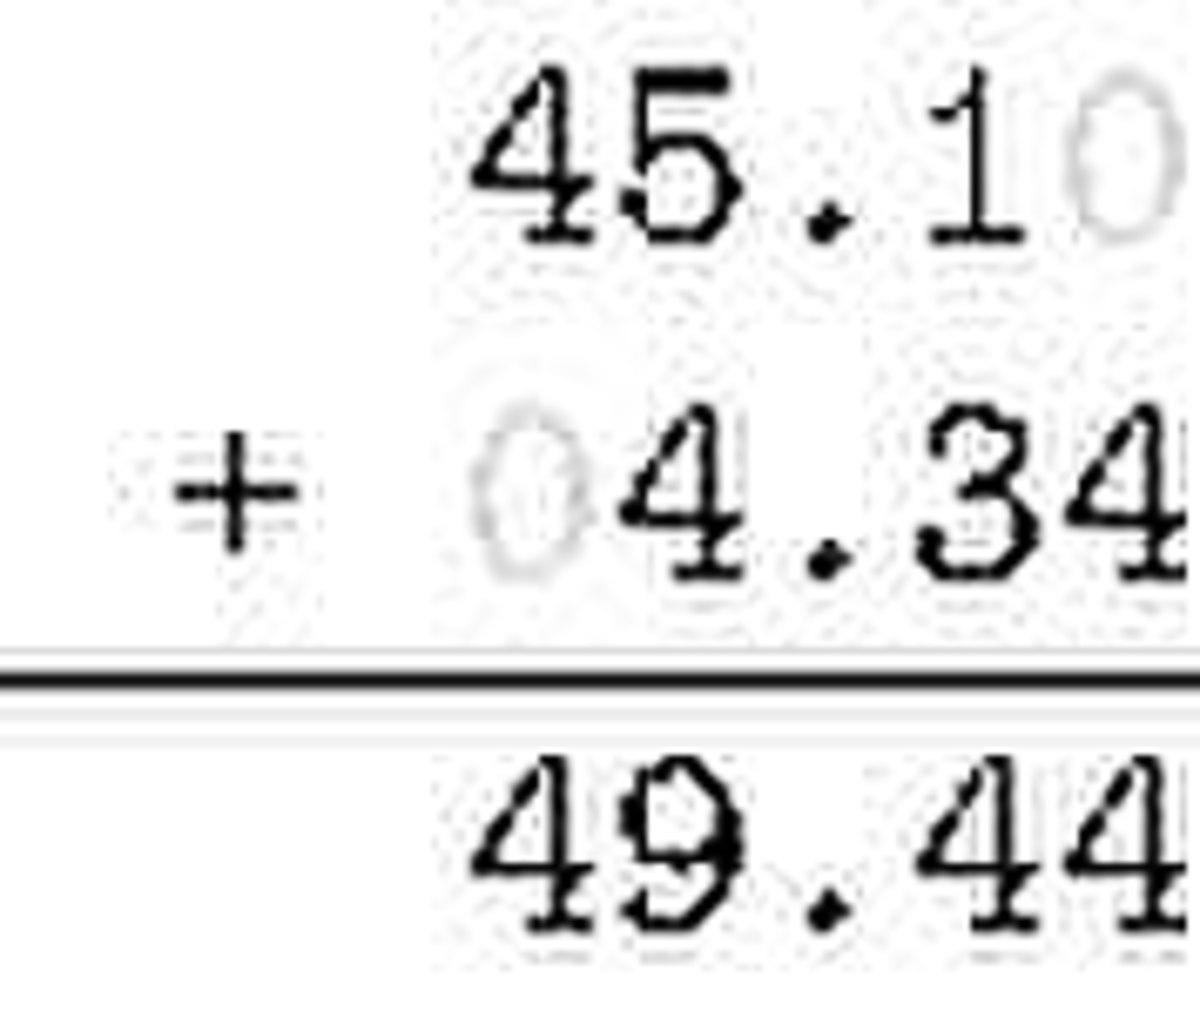 File Decimal Fraction Addition Demonstration